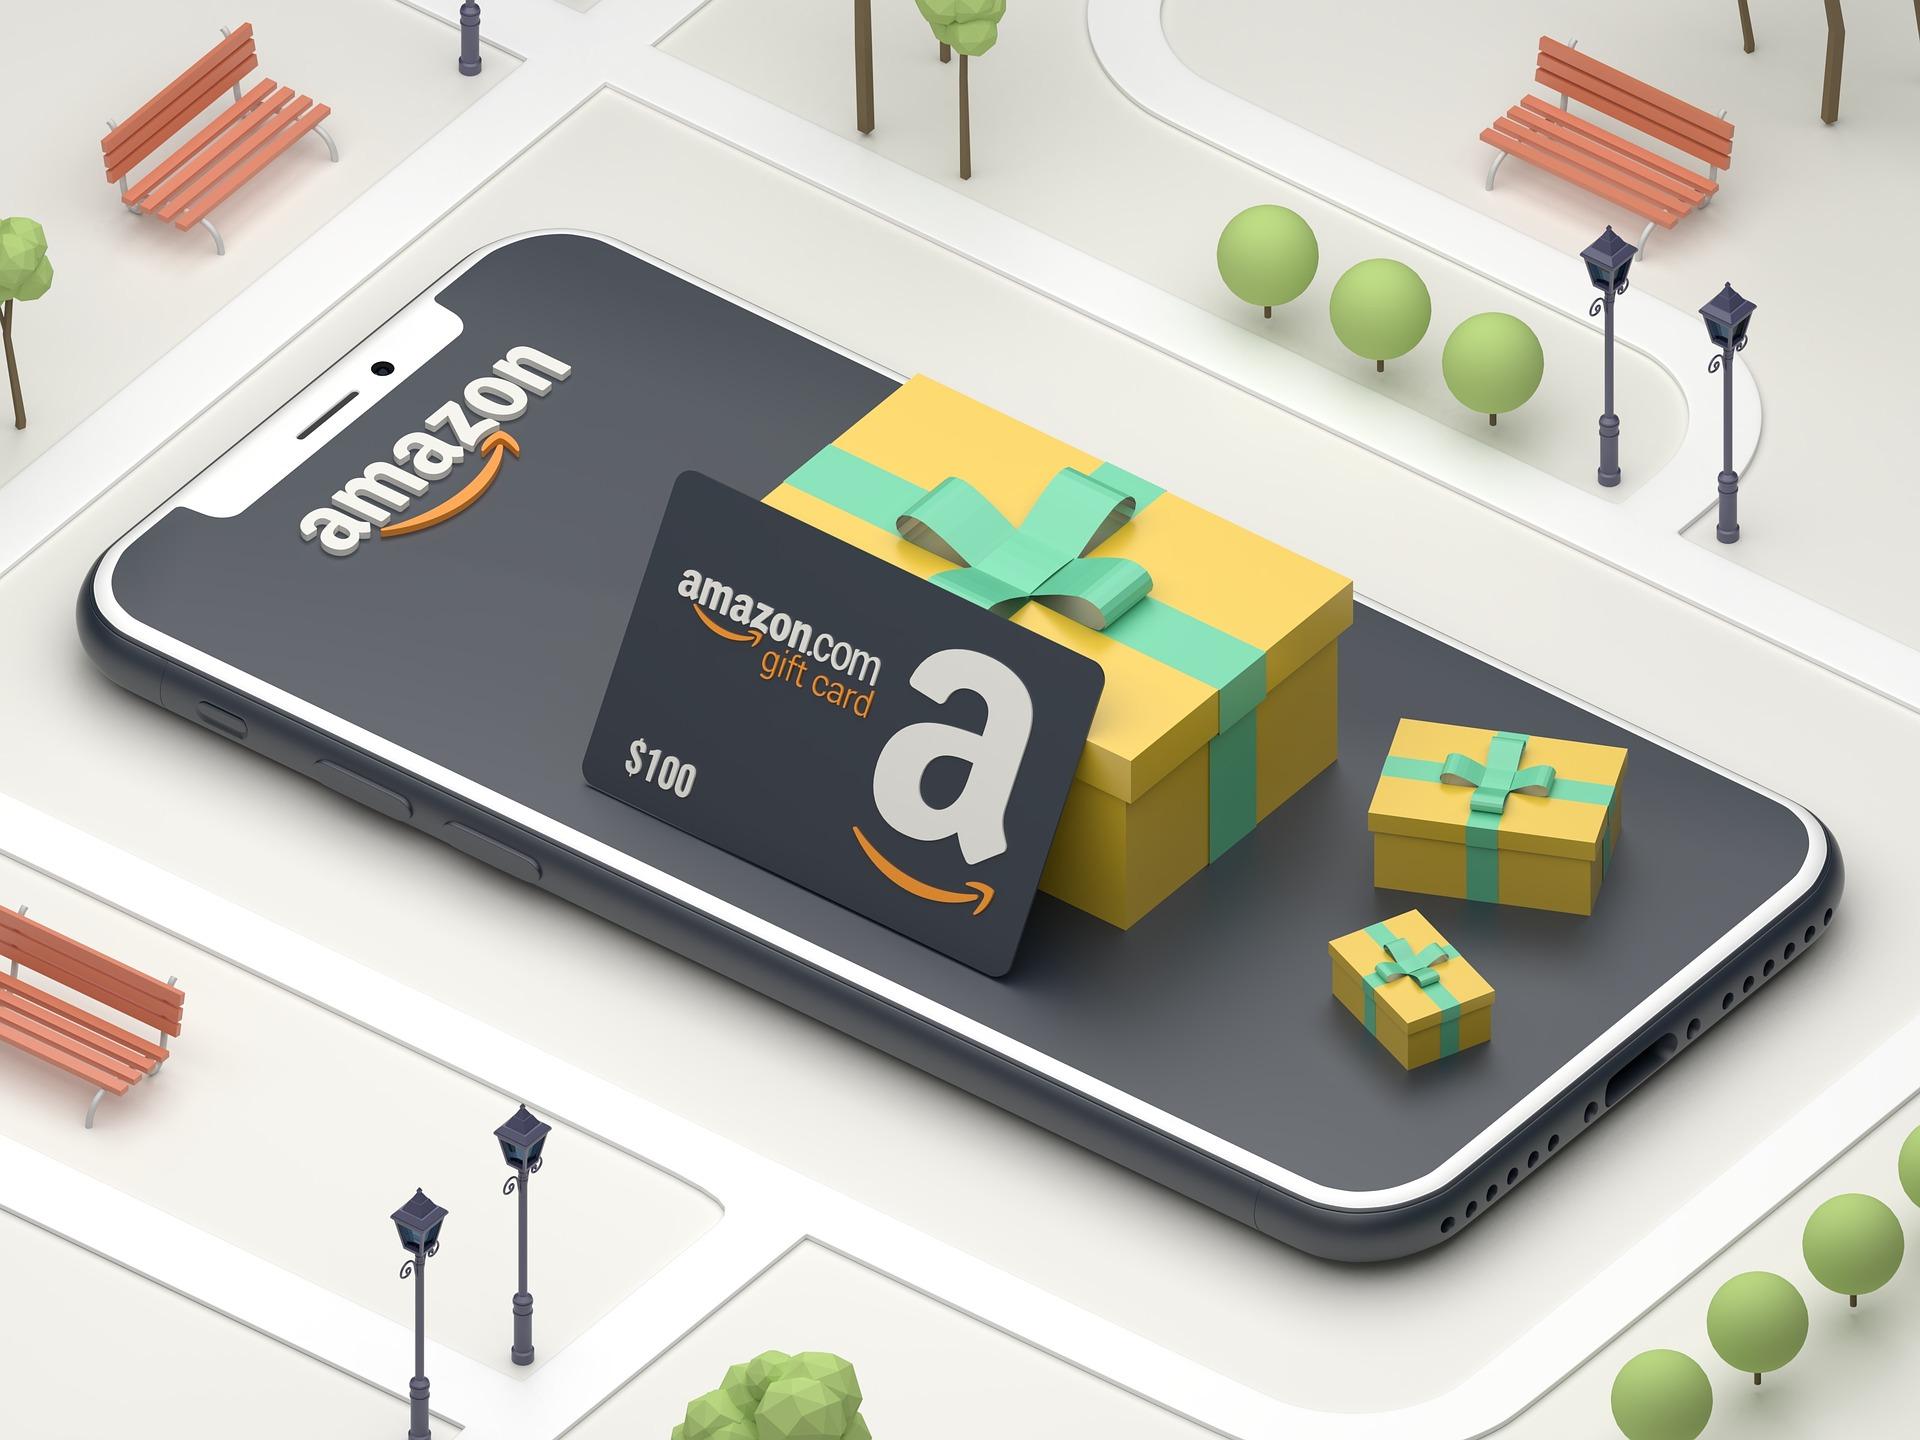 Amazon، الشركة الجديدة في مشاهد الاتحاد الأوروبي 1